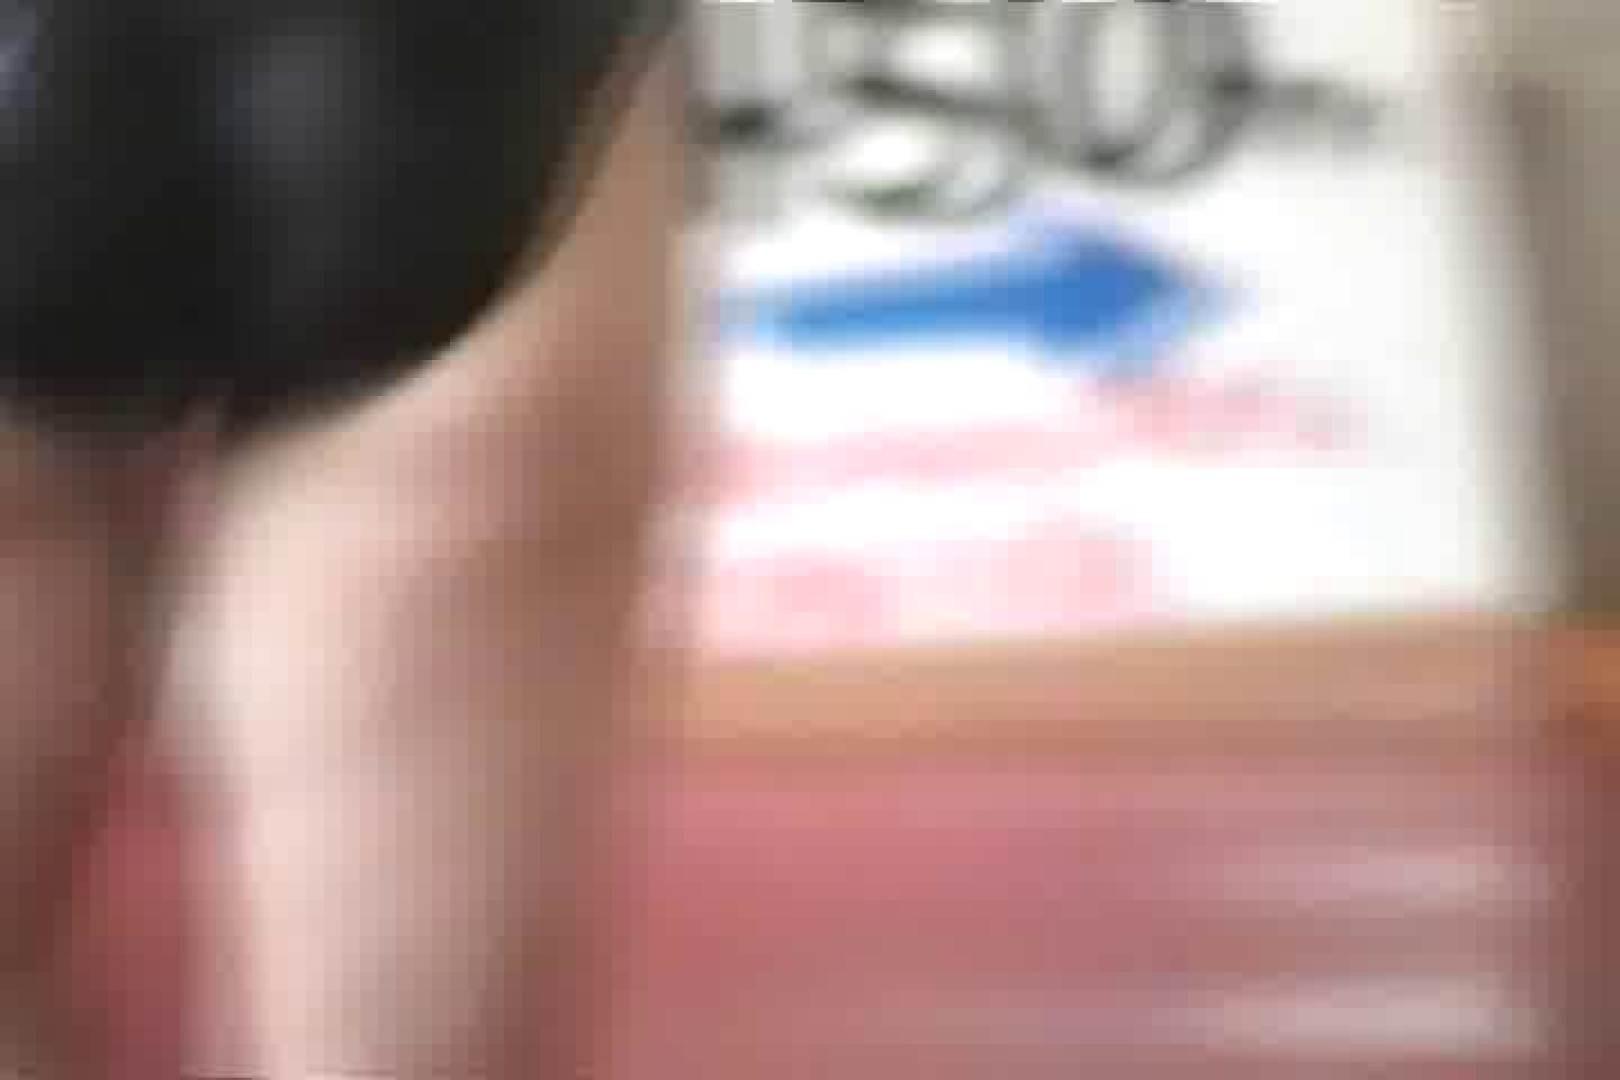 鉄人レース!!トライアスロンに挑む女性達!!Vol.6 OLの実態 | 0  83pic 11